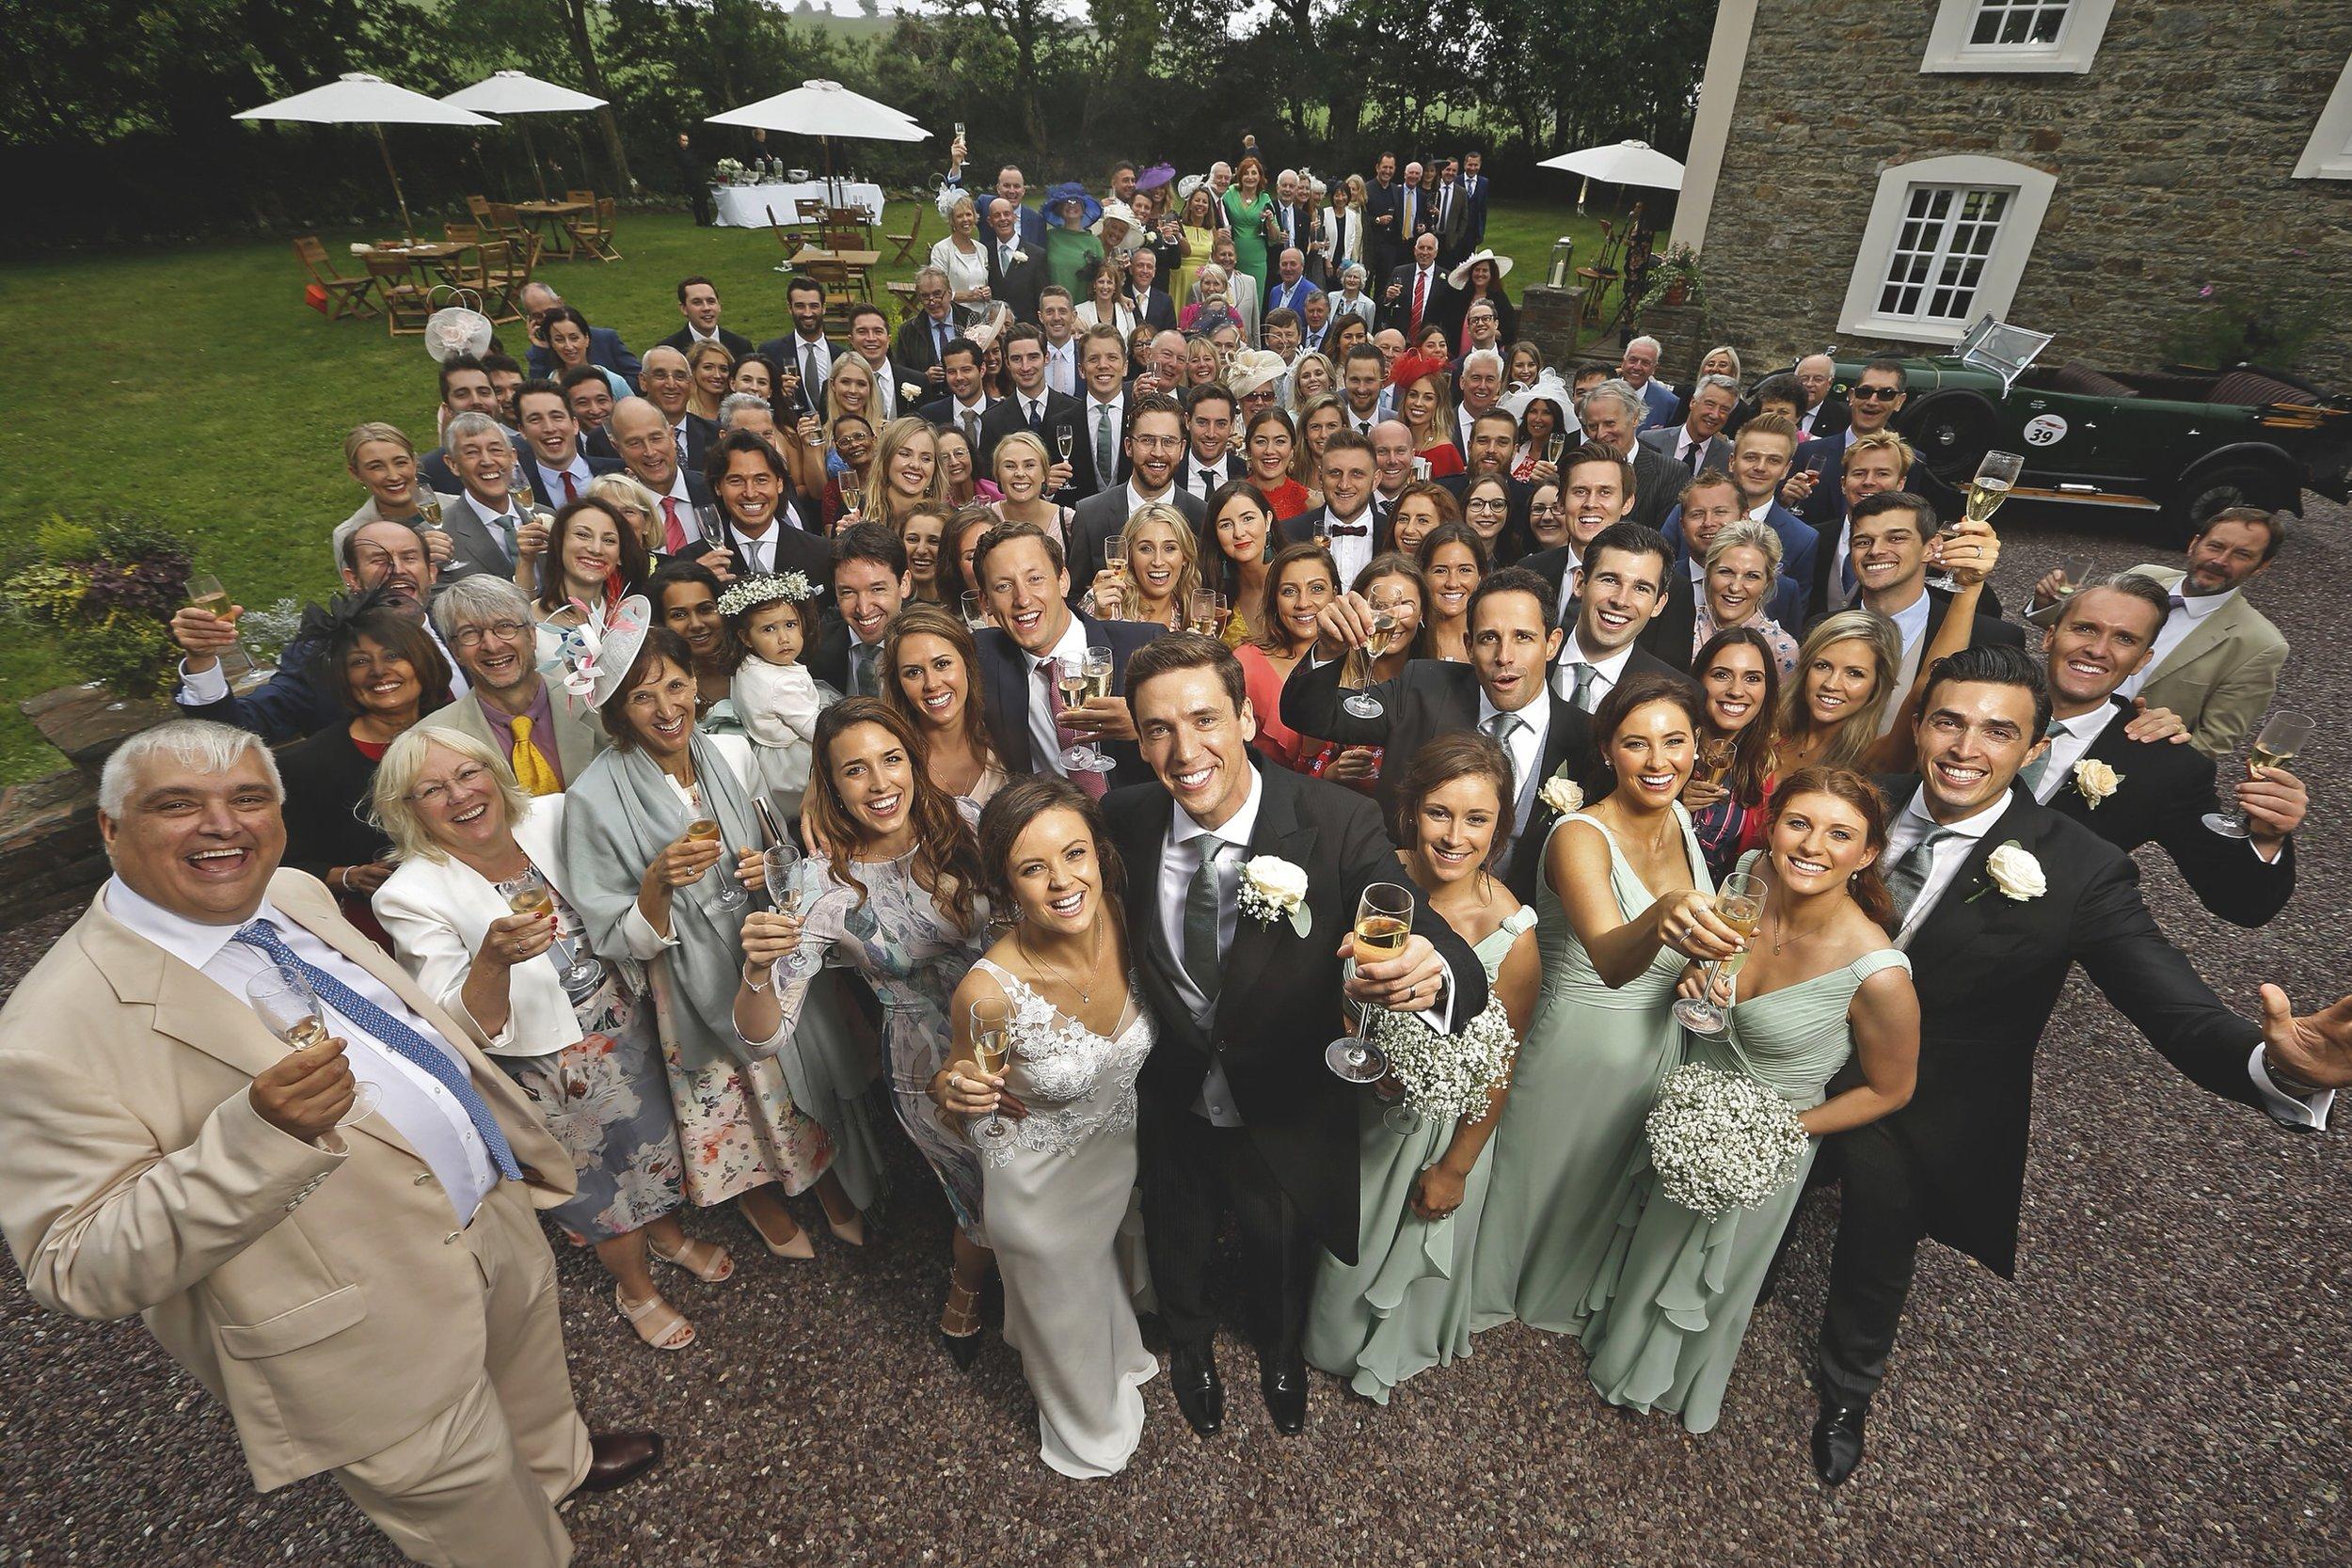 brettharkness-destination-wedding-photographer-ireland_0044.jpg